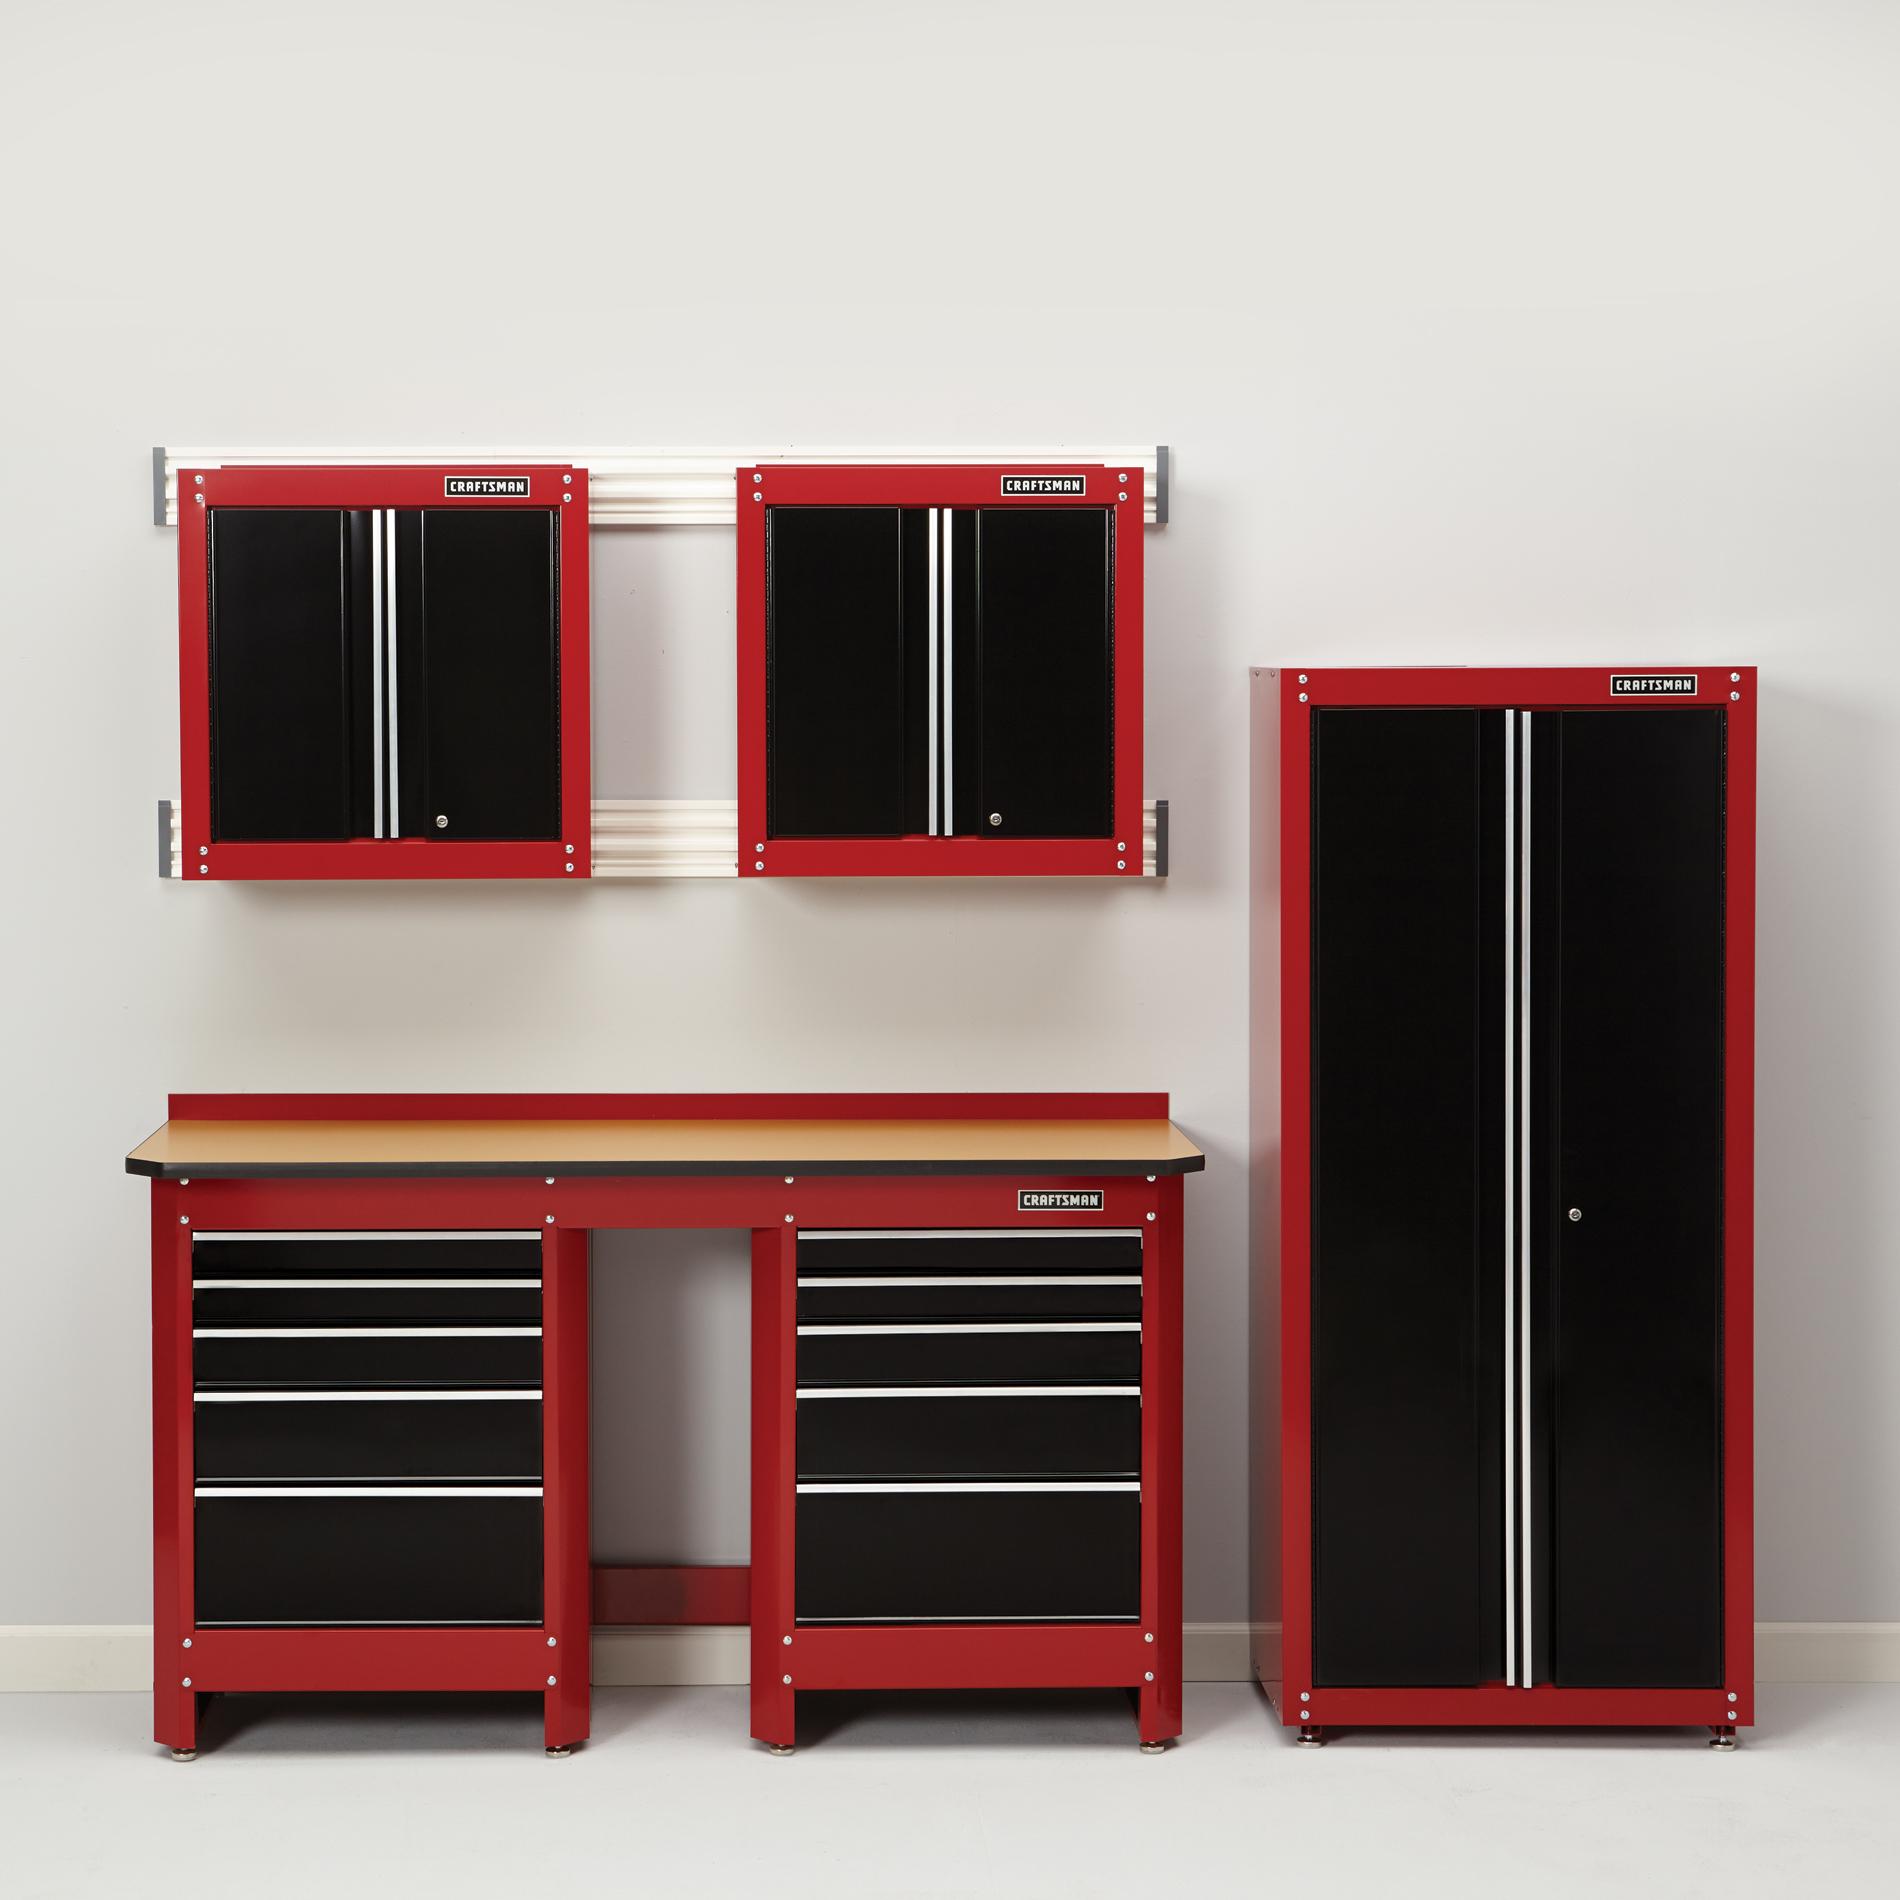 6-Piece Heavy-Duty Garage Organization Collection - Red/Black